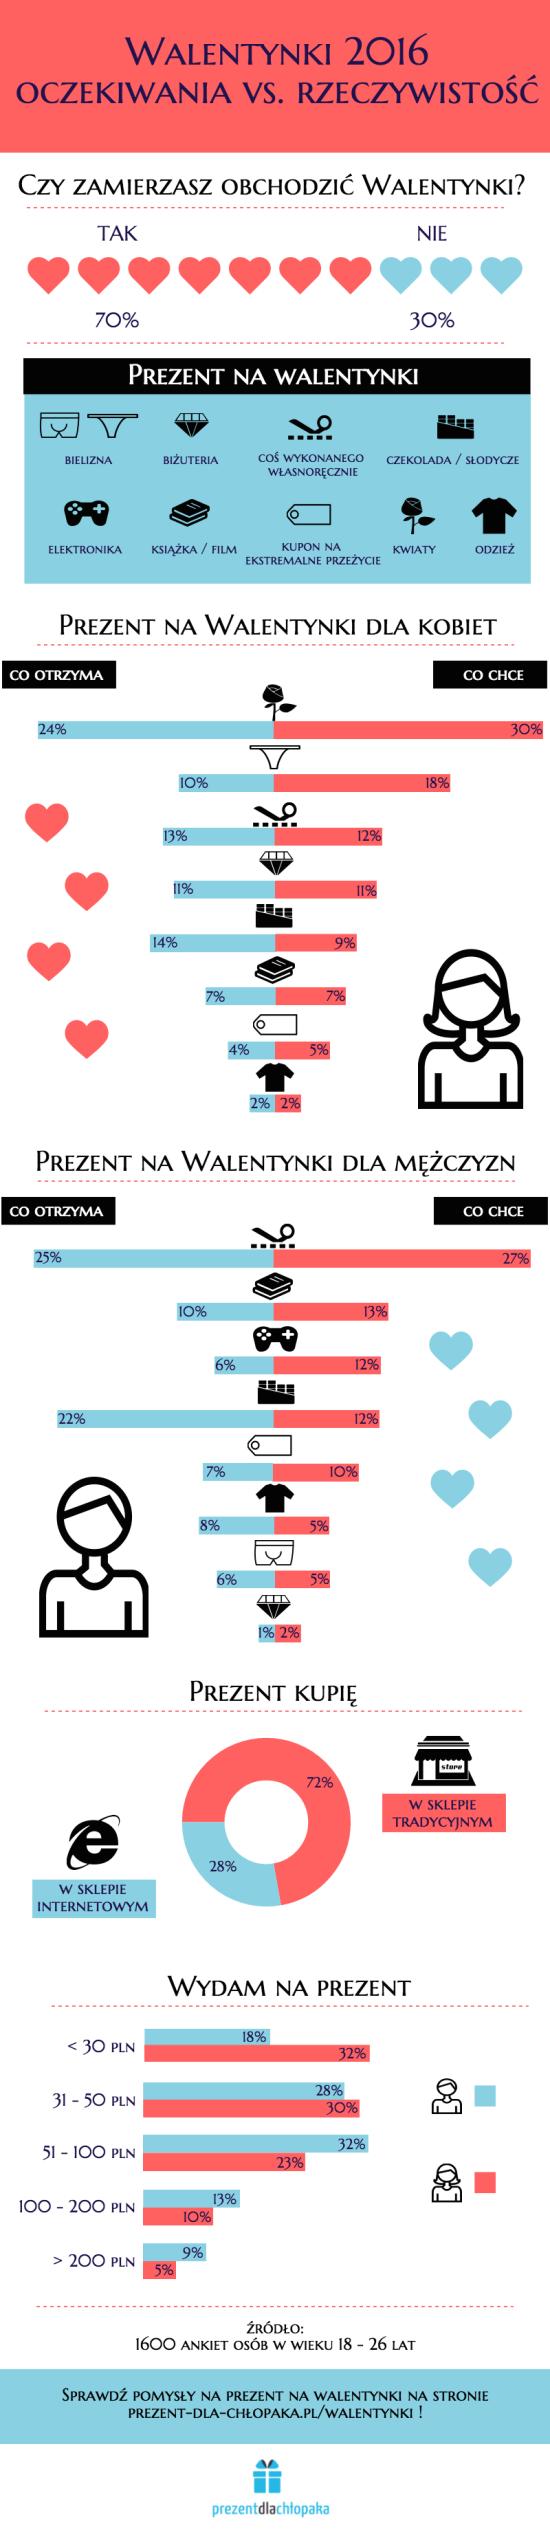 walentynki-2016-oczekiwania-vs-rzeczywistosc